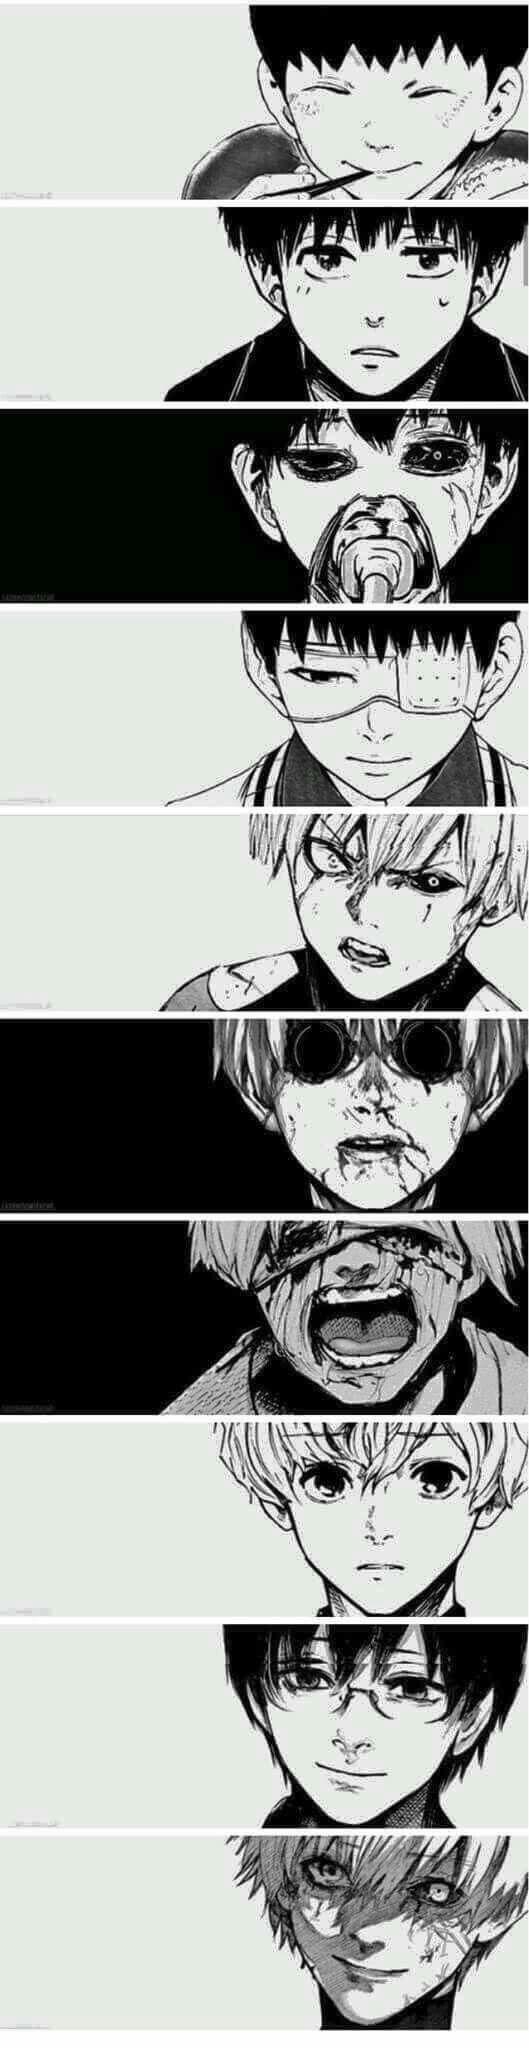 Amo las imágenes que muestran la evolución de un personaje.